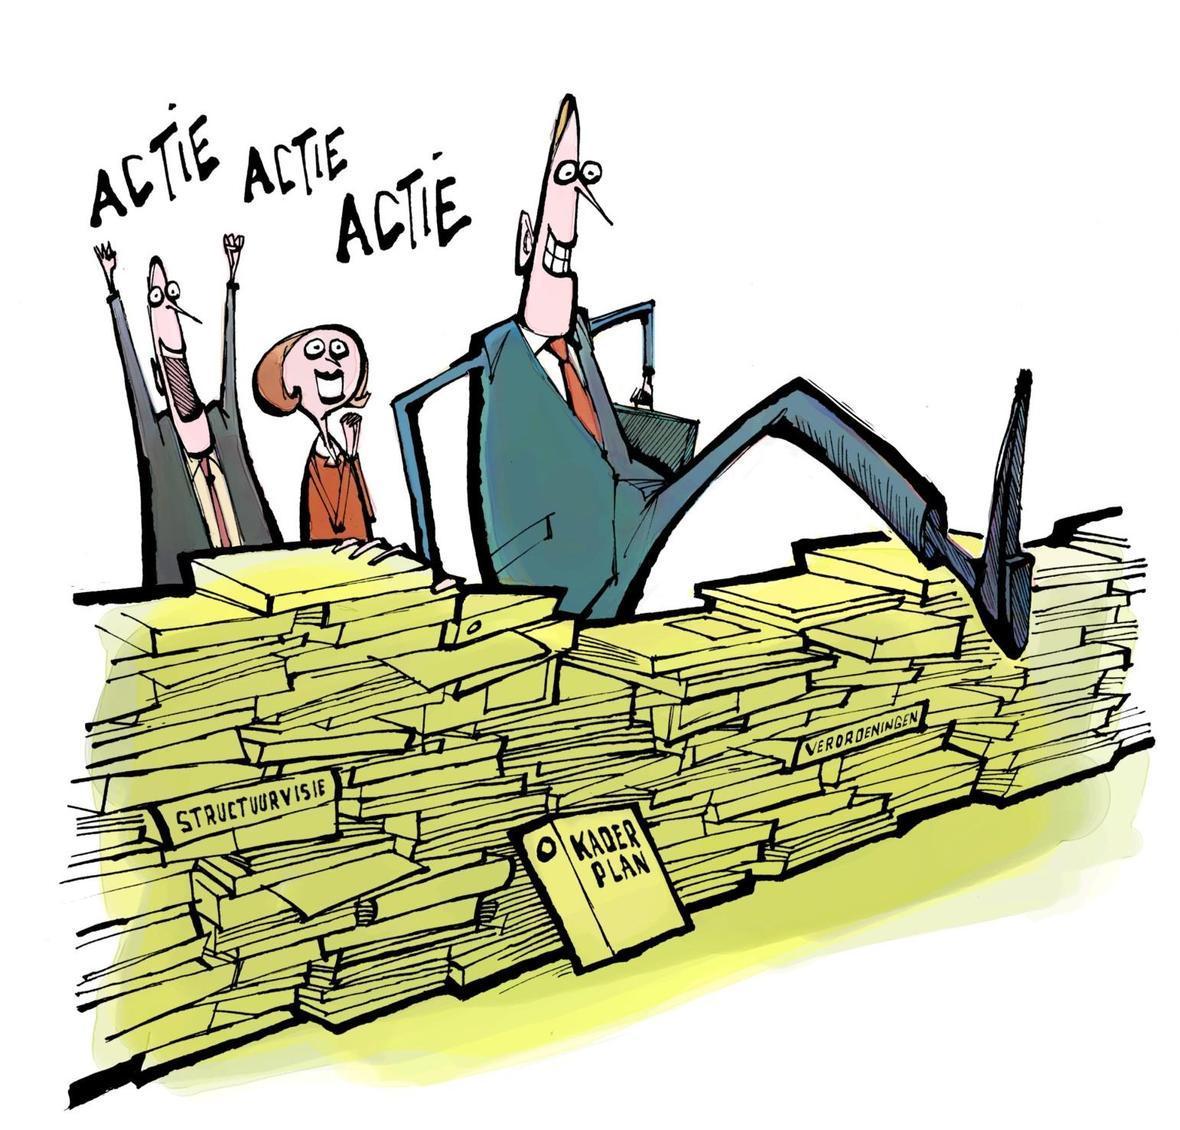 Actieplan cartoon.bmp